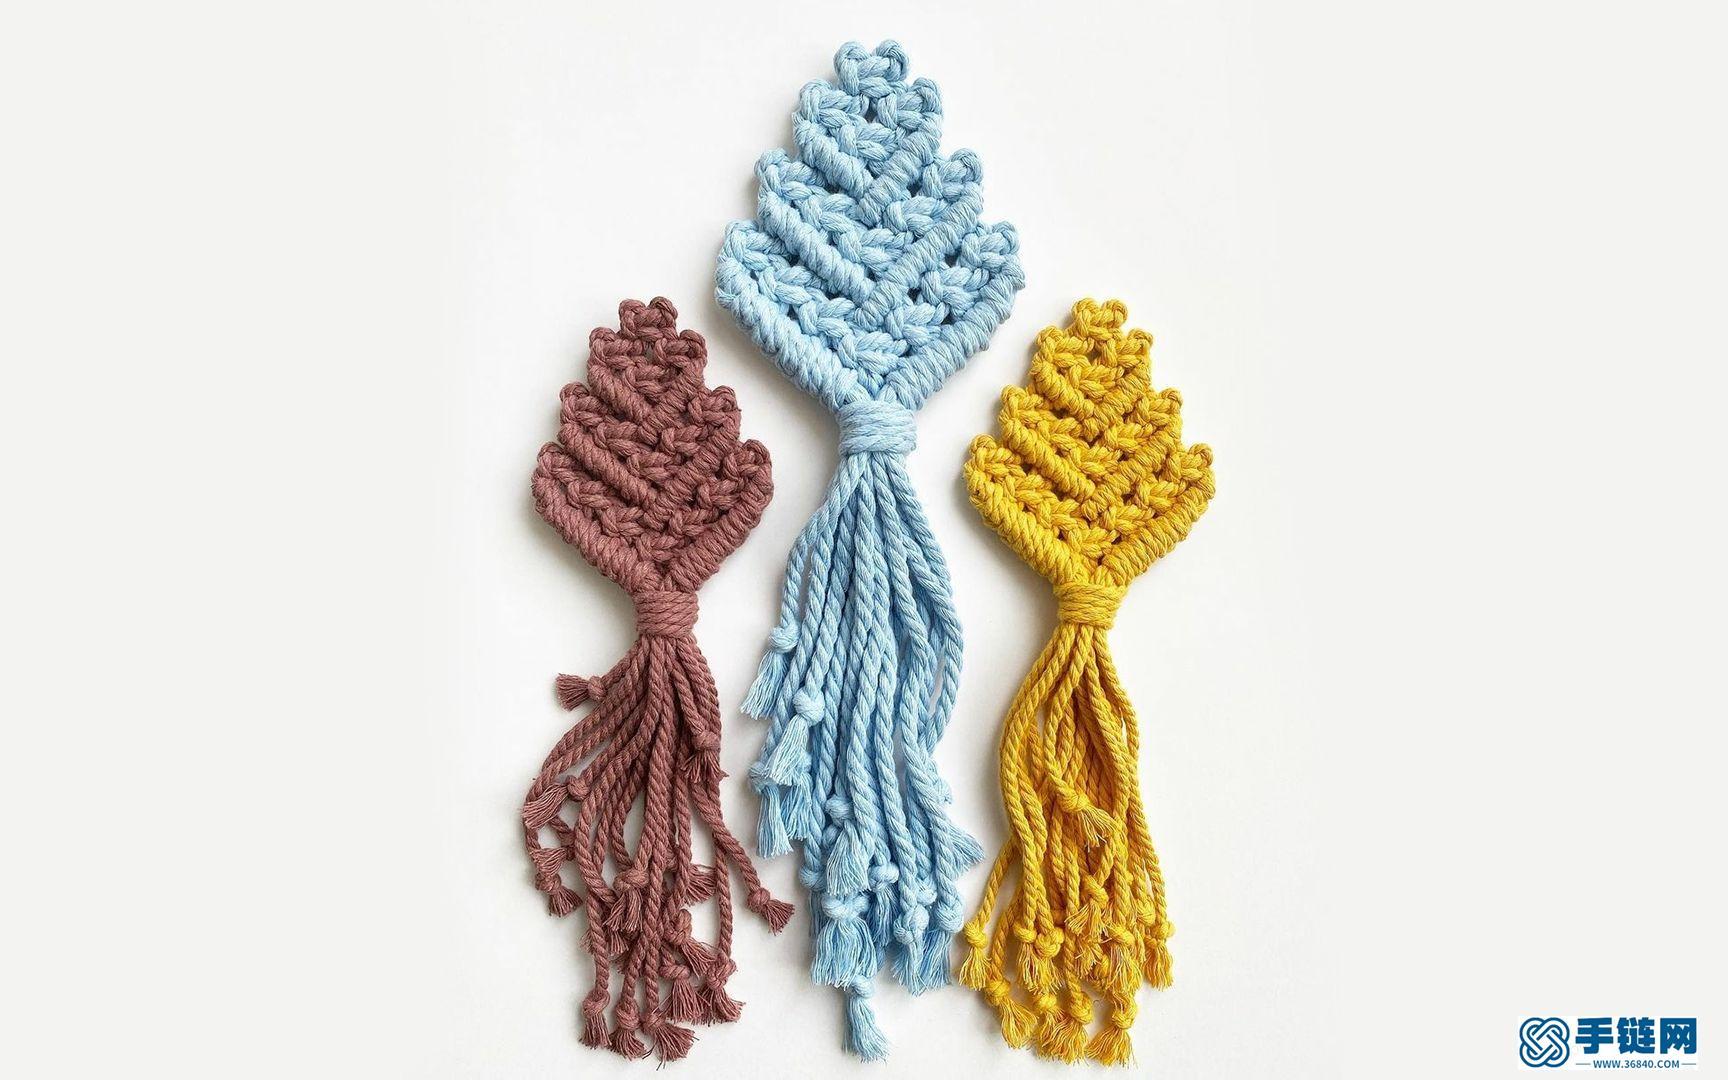 Macrame编织叶子胸针,与春天应景的装饰美物